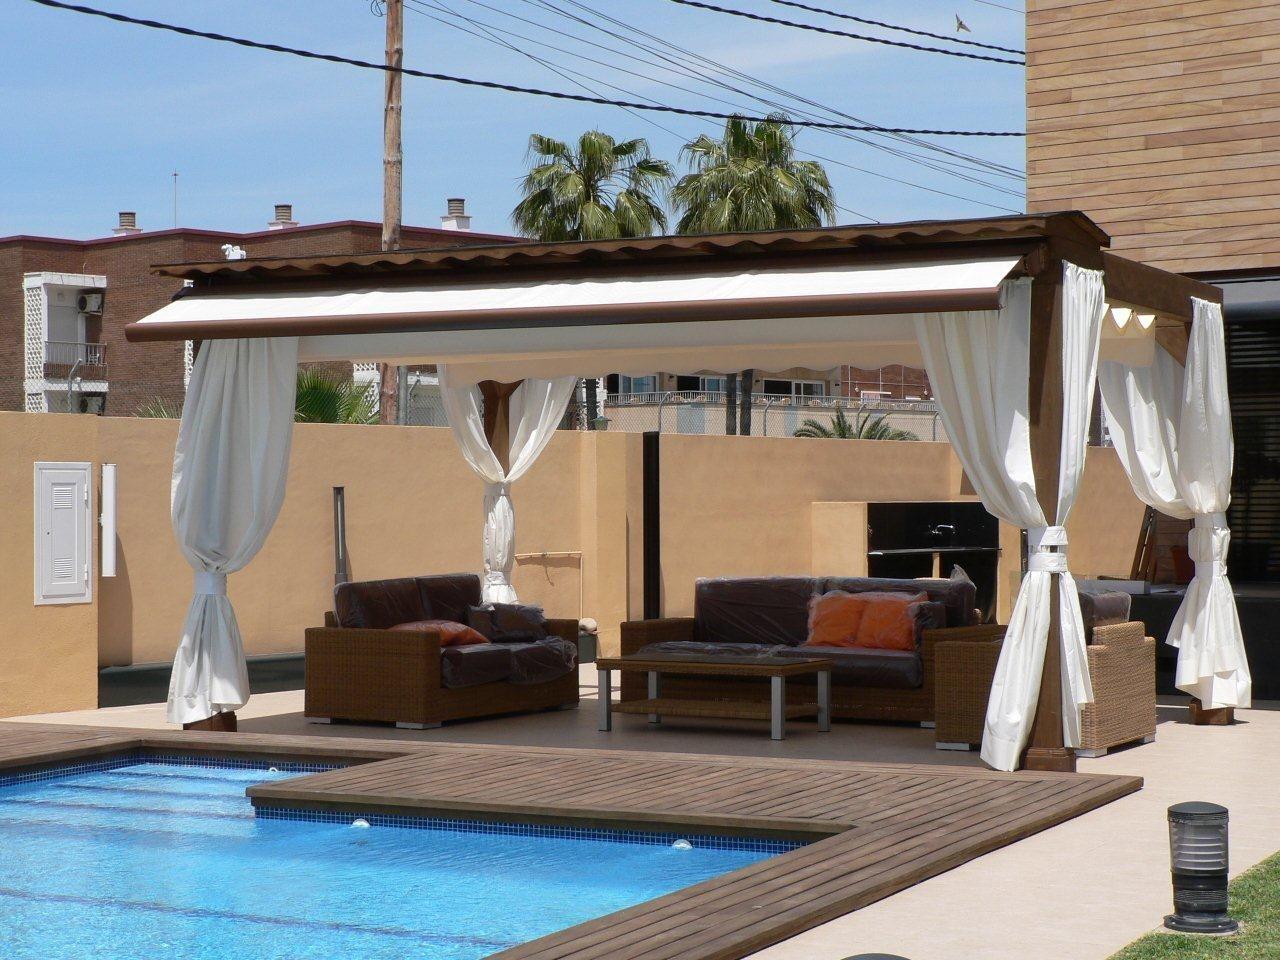 Exterior piscina terraza moderno paisajismo via for Terraza madera exterior